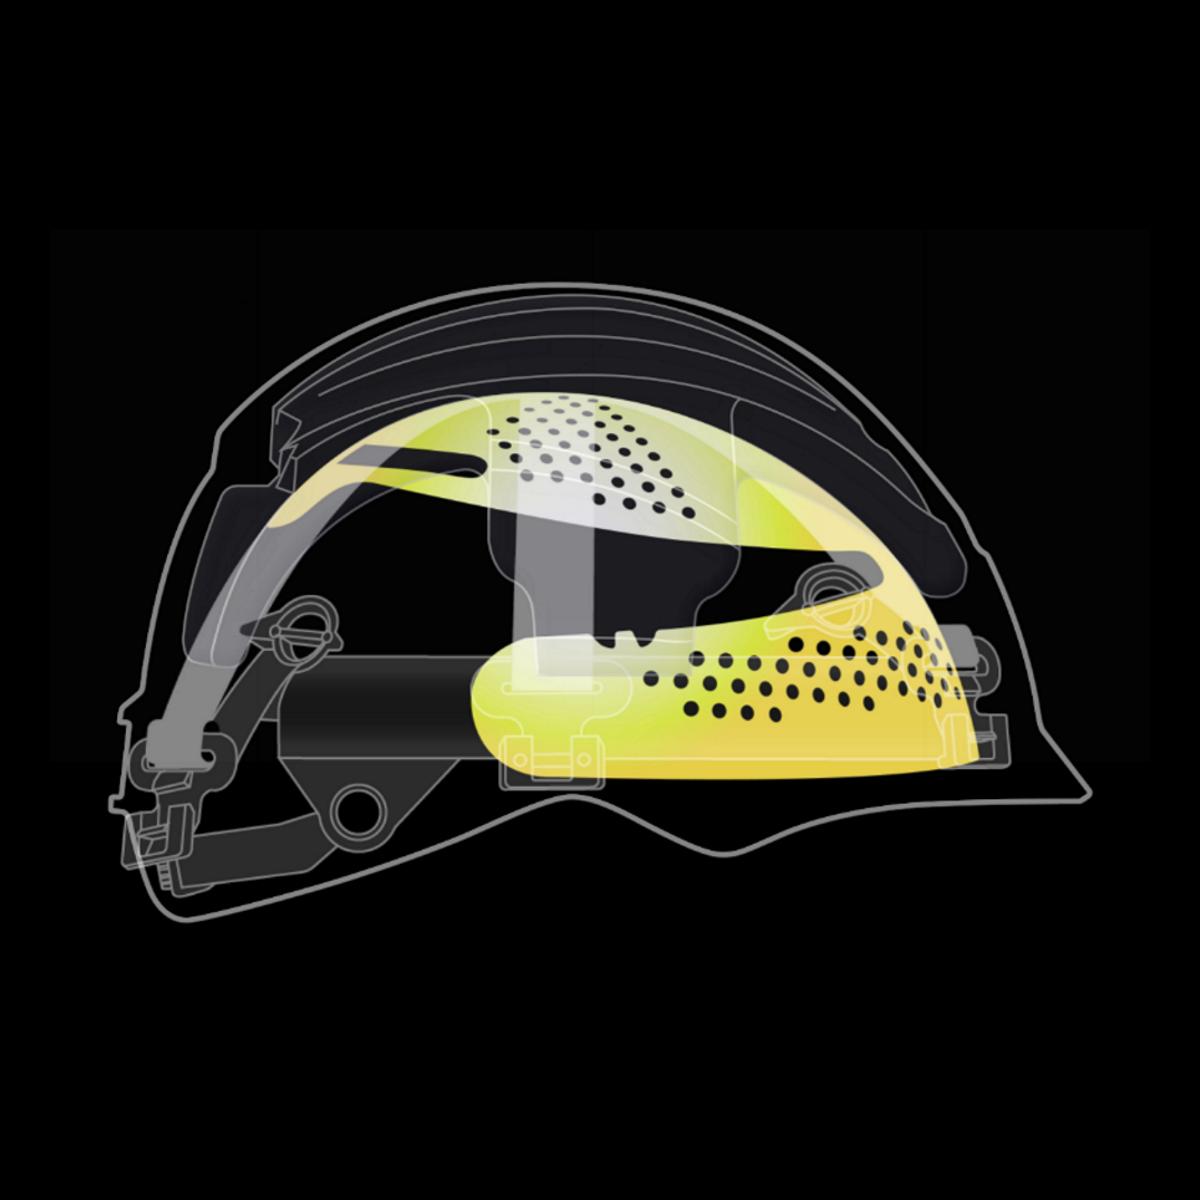 MIPS Helmet Construction